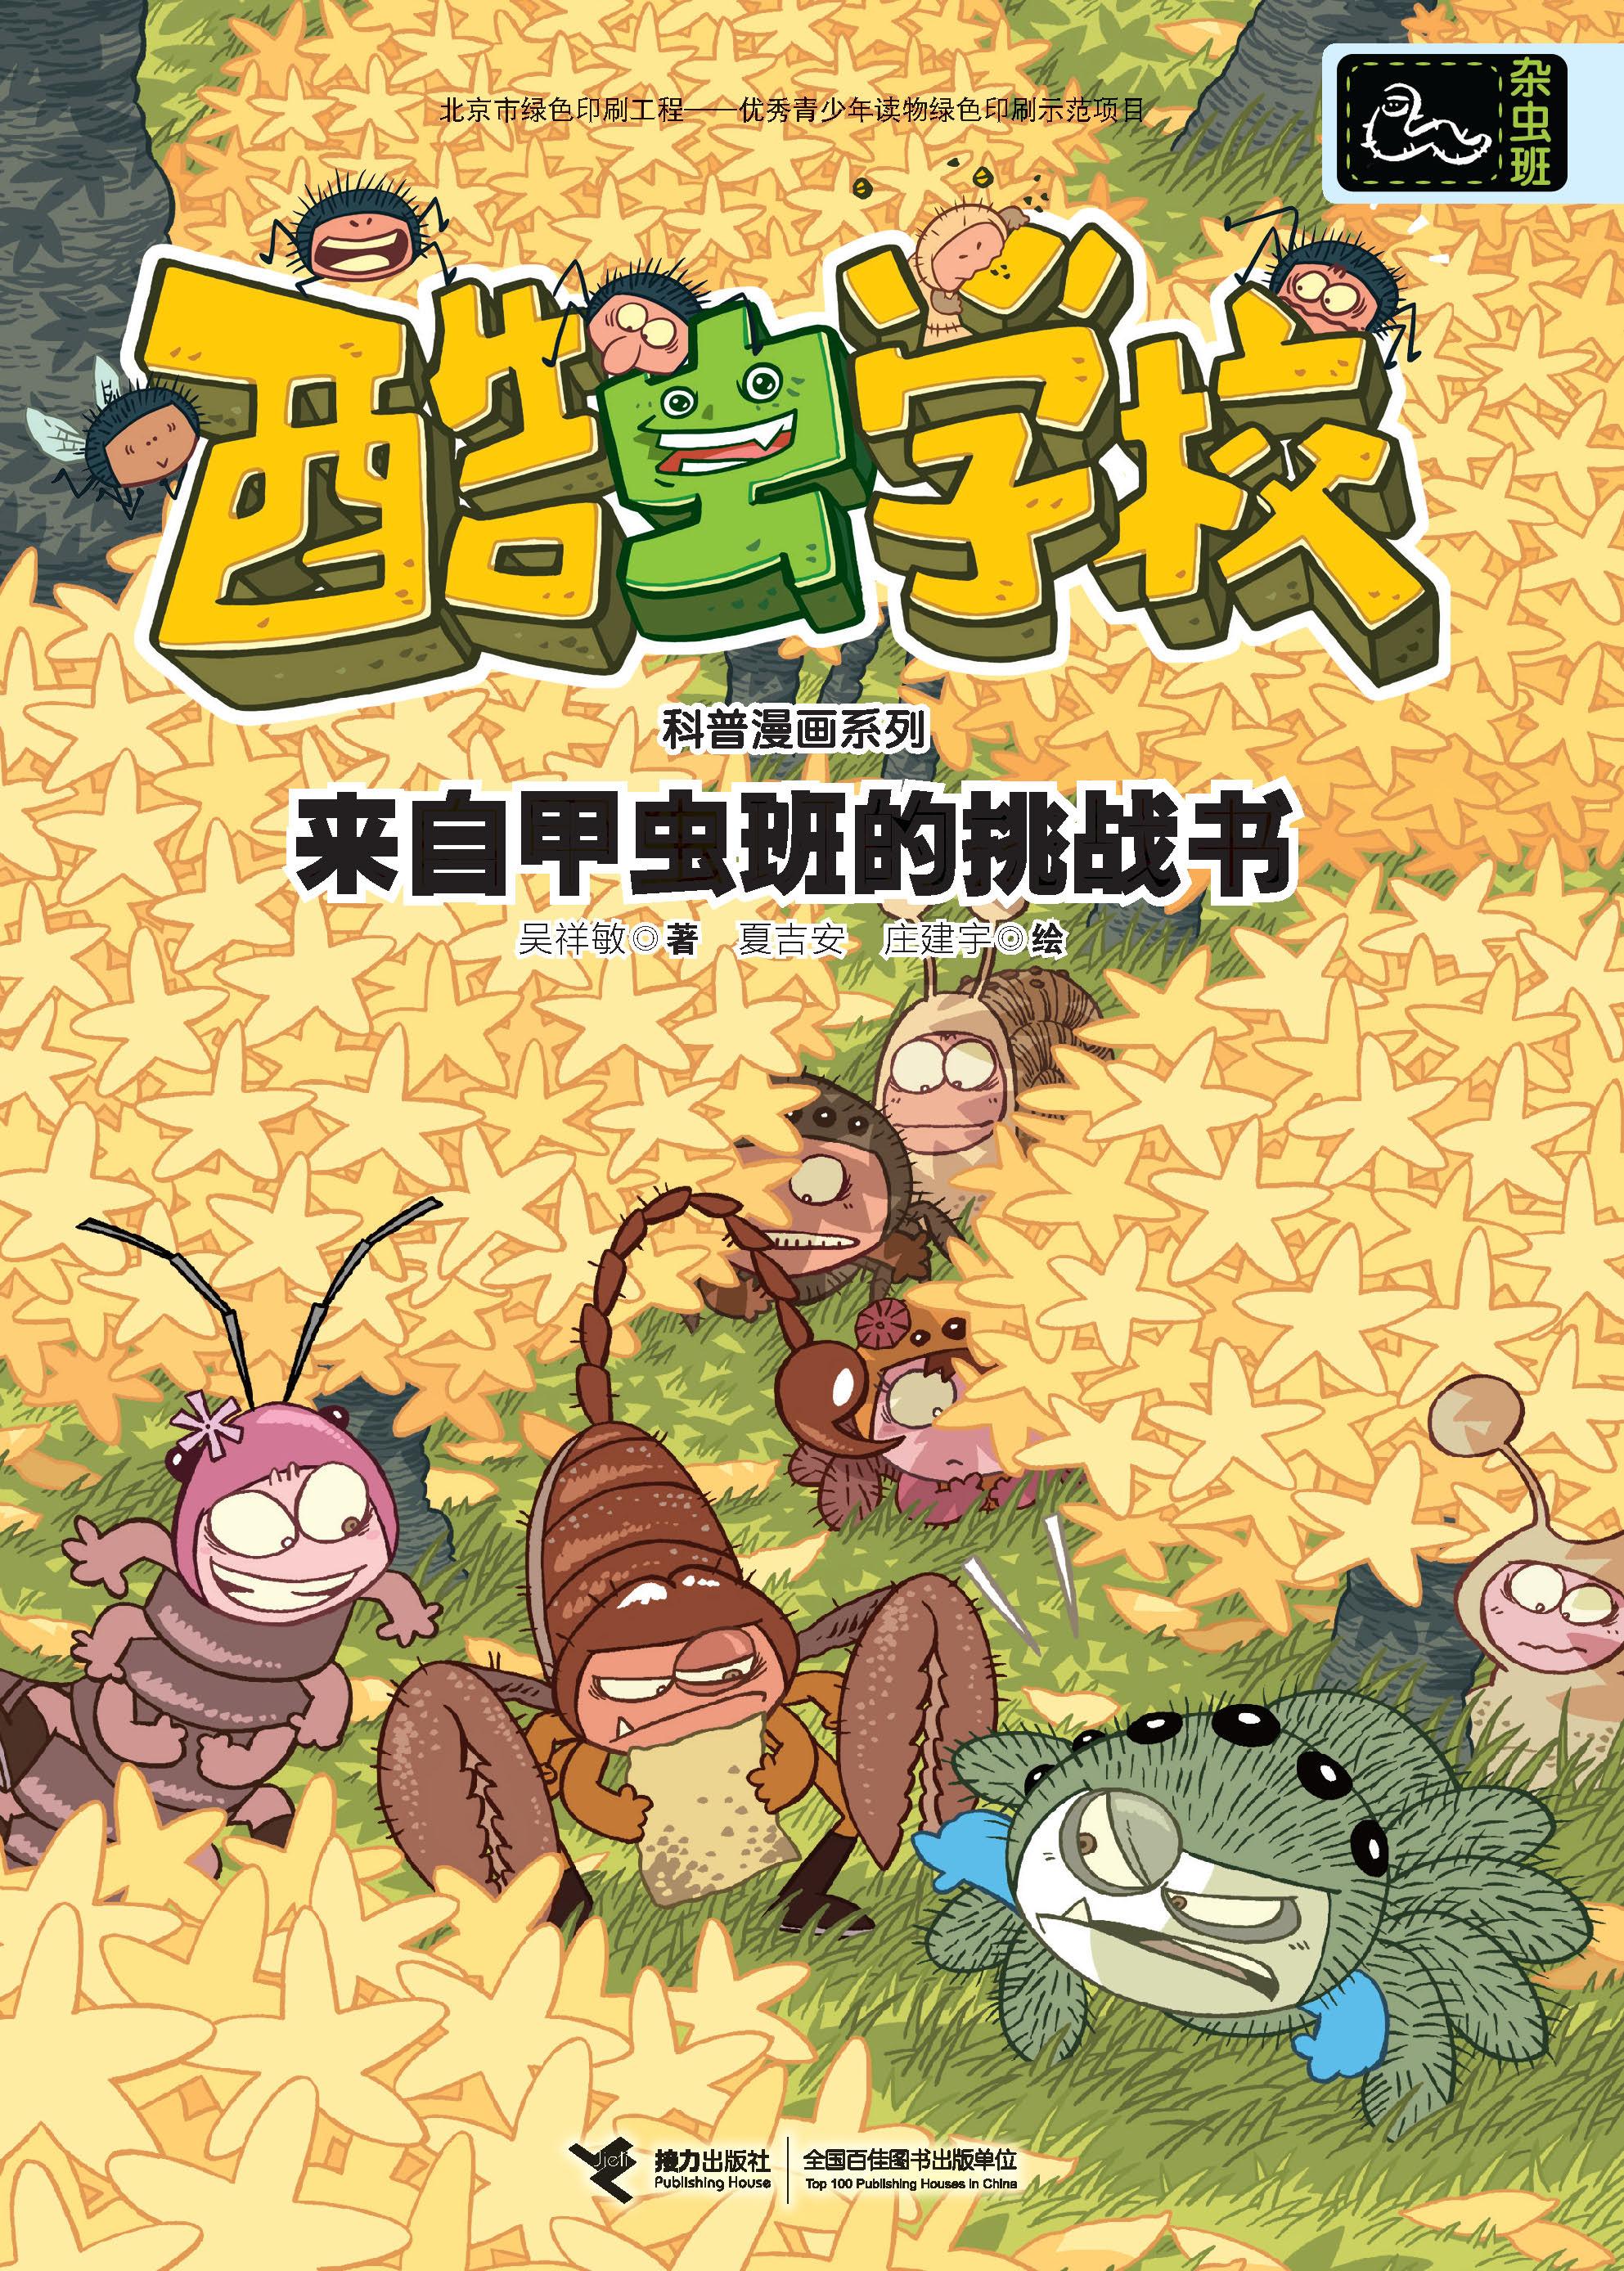 来自甲虫班的挑战书